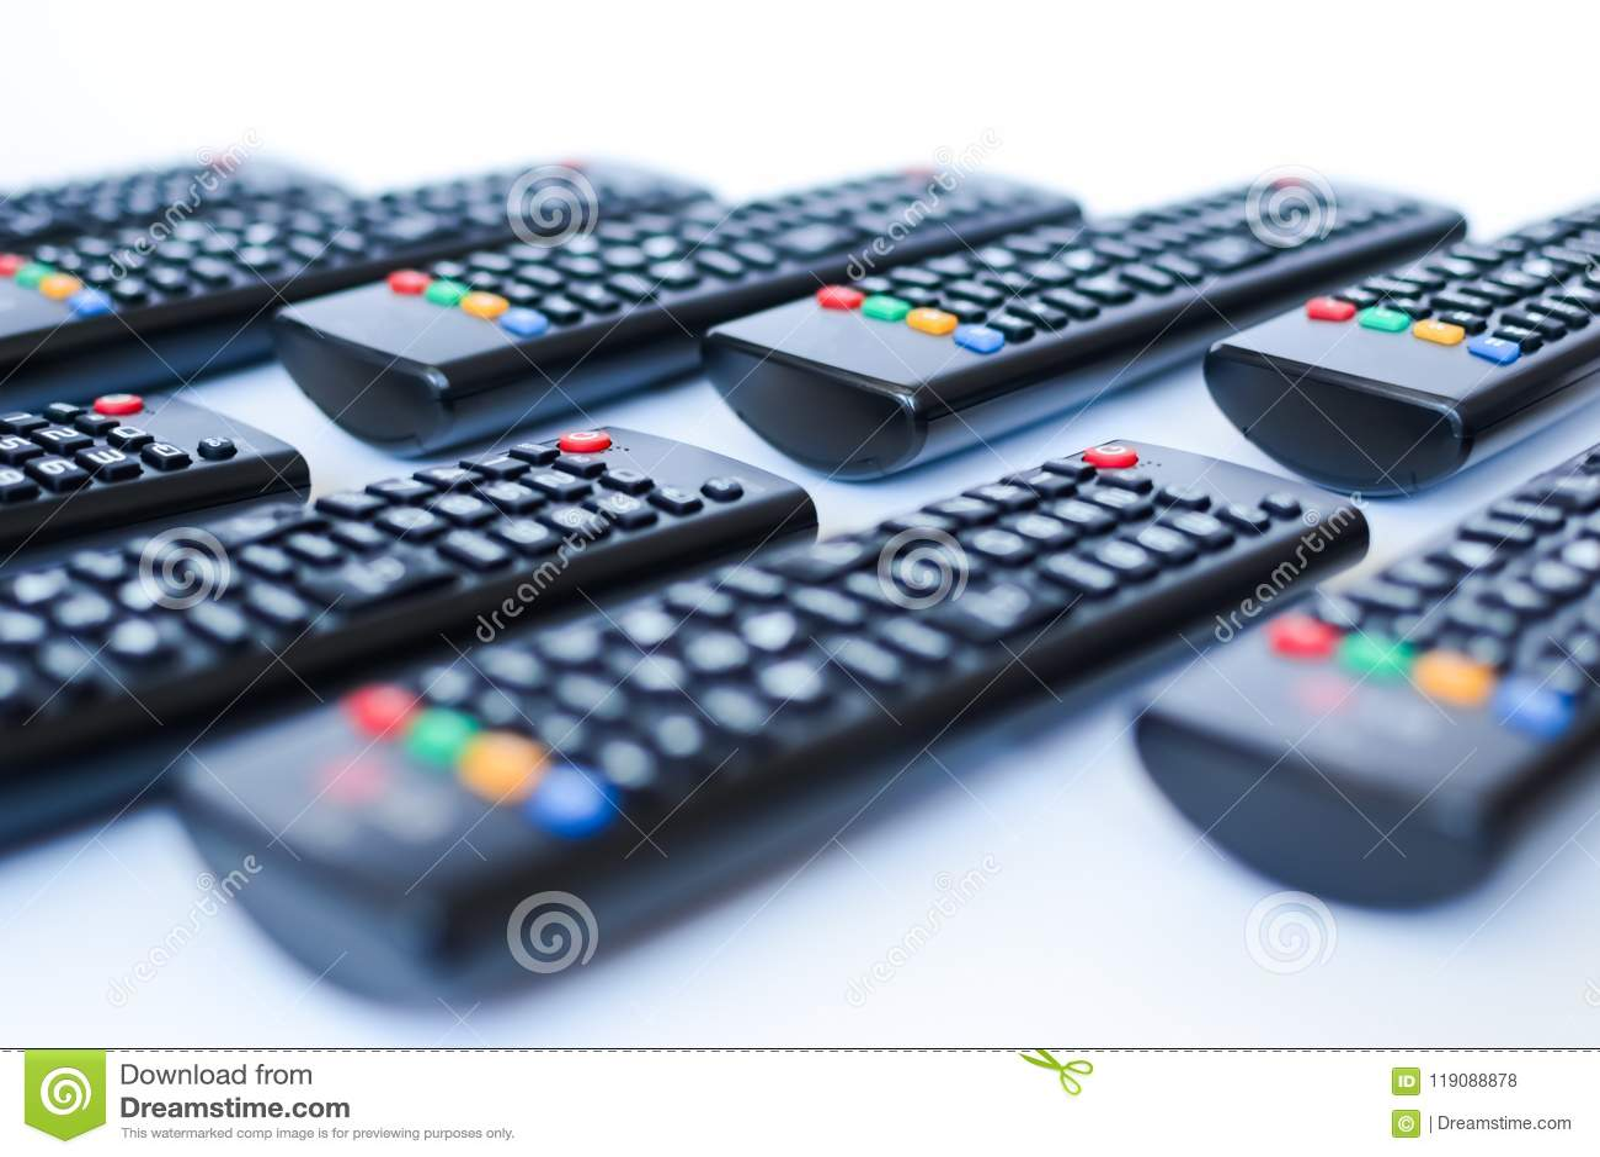 Besonders schwer unscharfe schwarze Fernbedienungen für das Fernsehen auf einem weißen Hintergrund